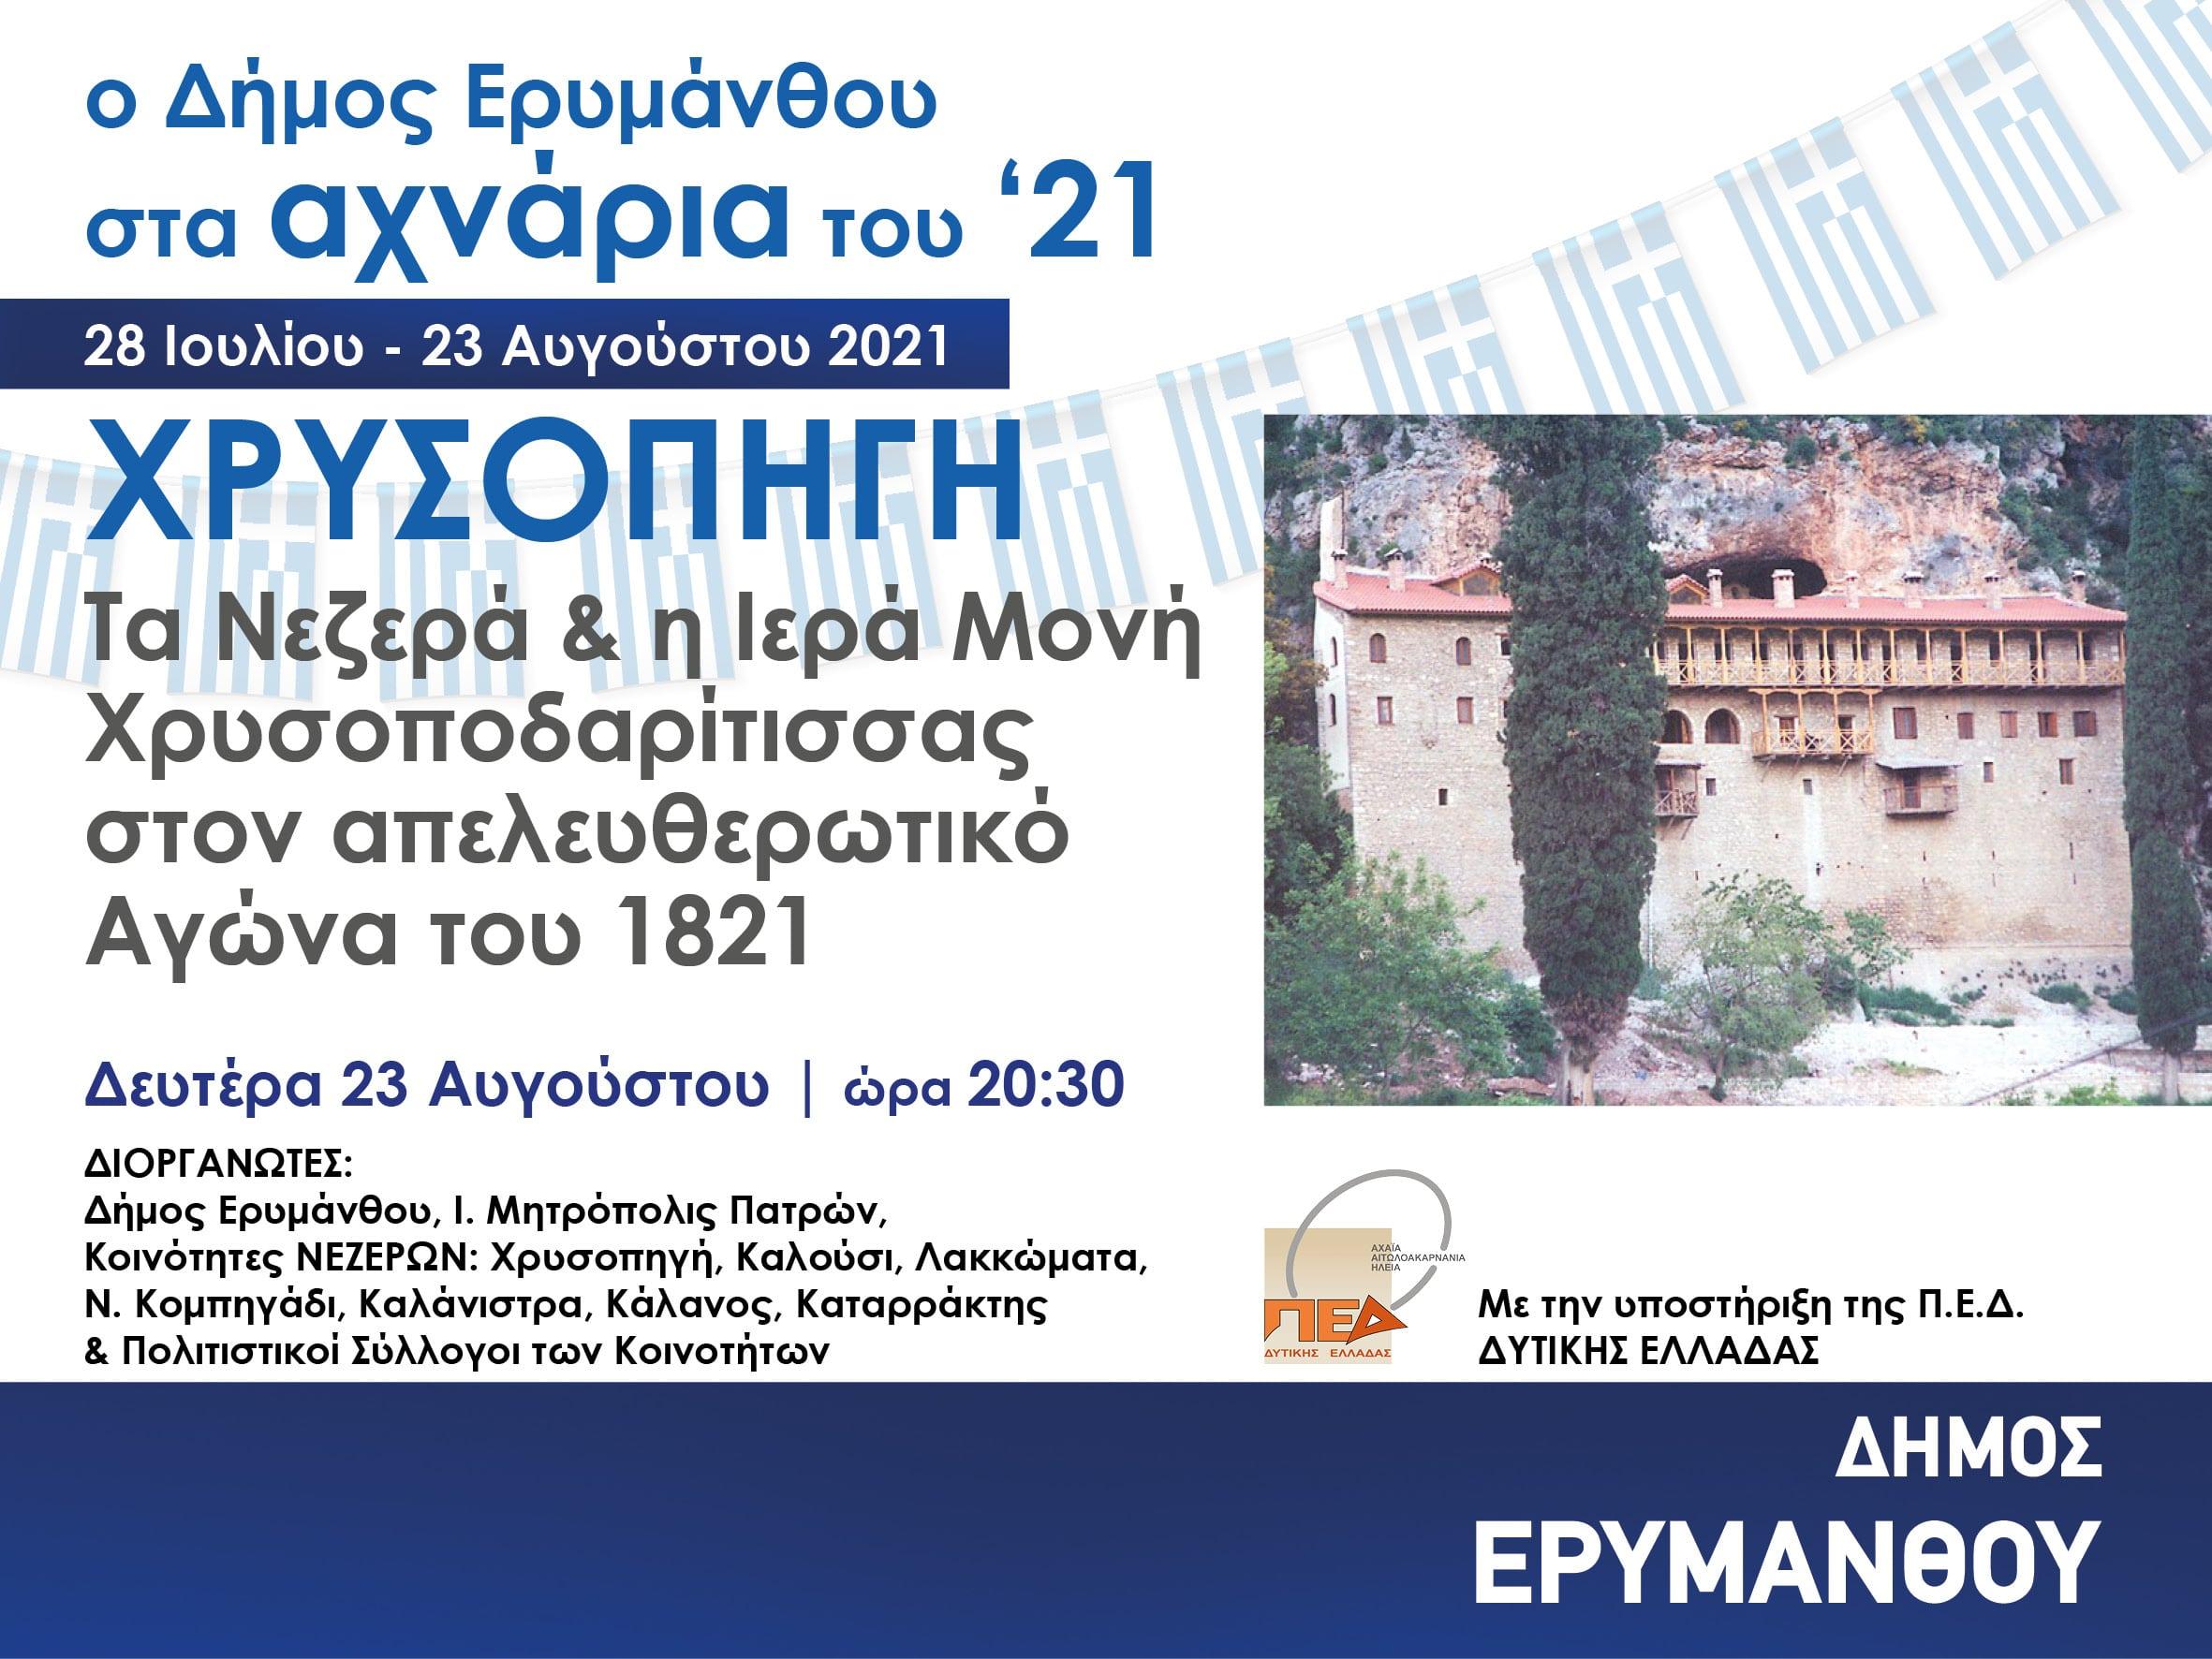 ΧΡΥΣΟΠΗΓΗS ΠΡΟΣΚΛΗΣΗ ΝΕΖΕΡΑ 23.8.21